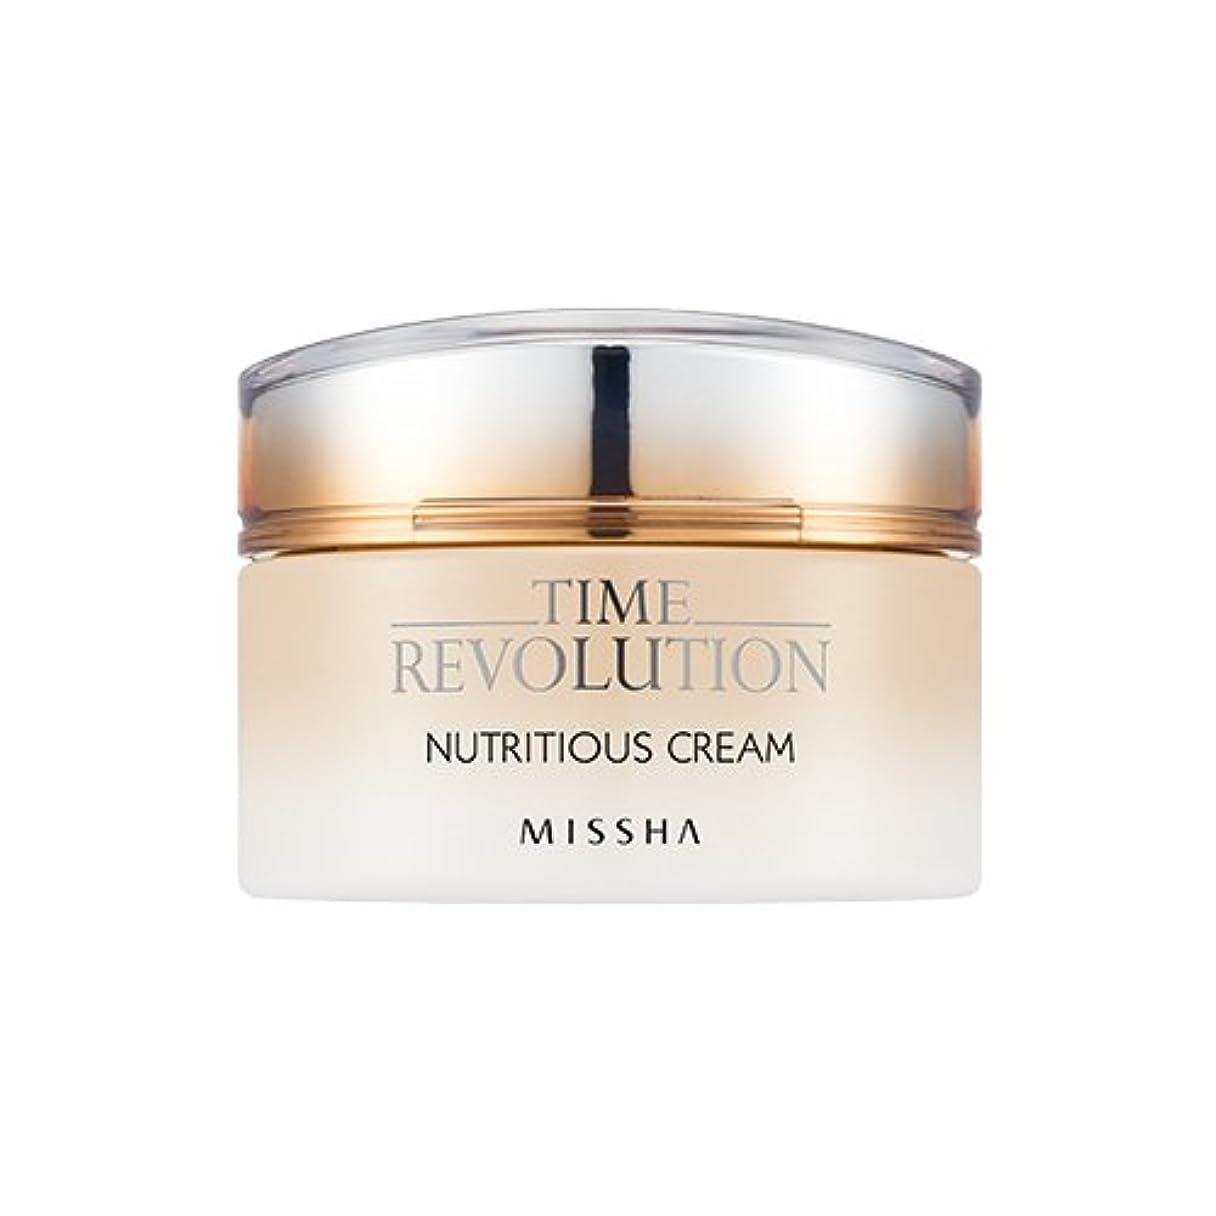 建設遊び場投げる[New] MISSHA Time Revolution Nutritious Cream 50ml/ミシャ タイム レボリューション ニュートリシャス クリーム 50ml [並行輸入品]